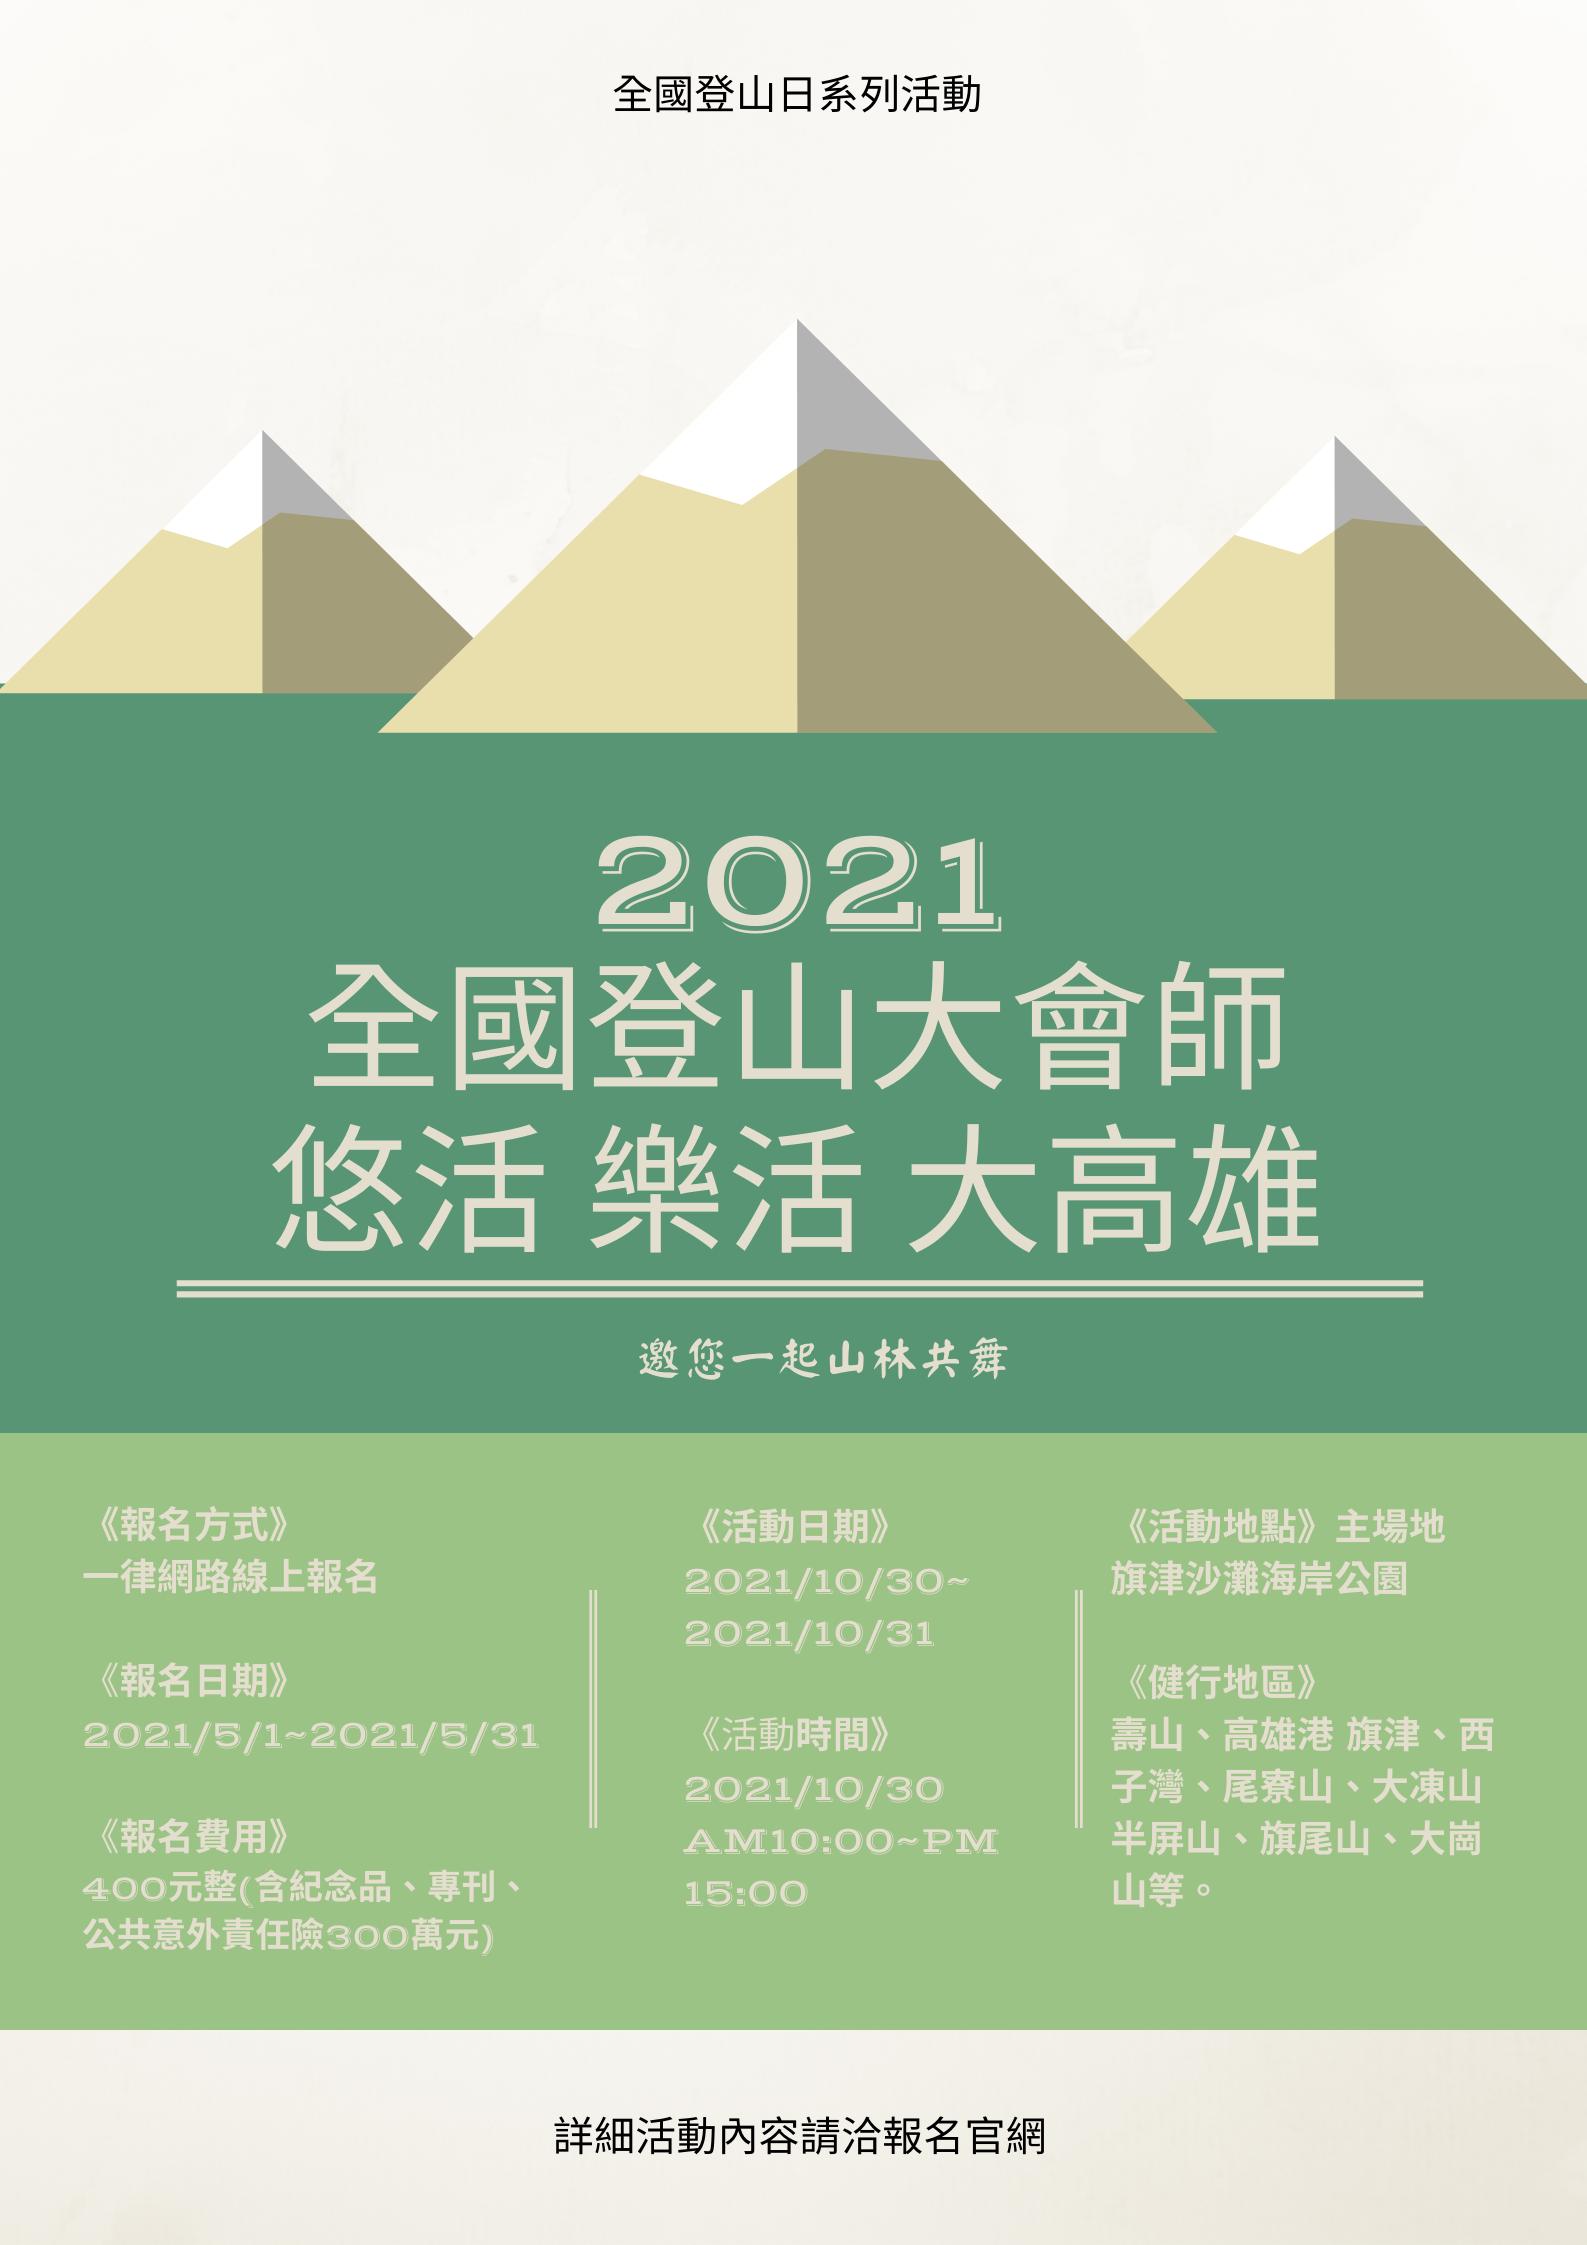 2021全國登山社團大會師